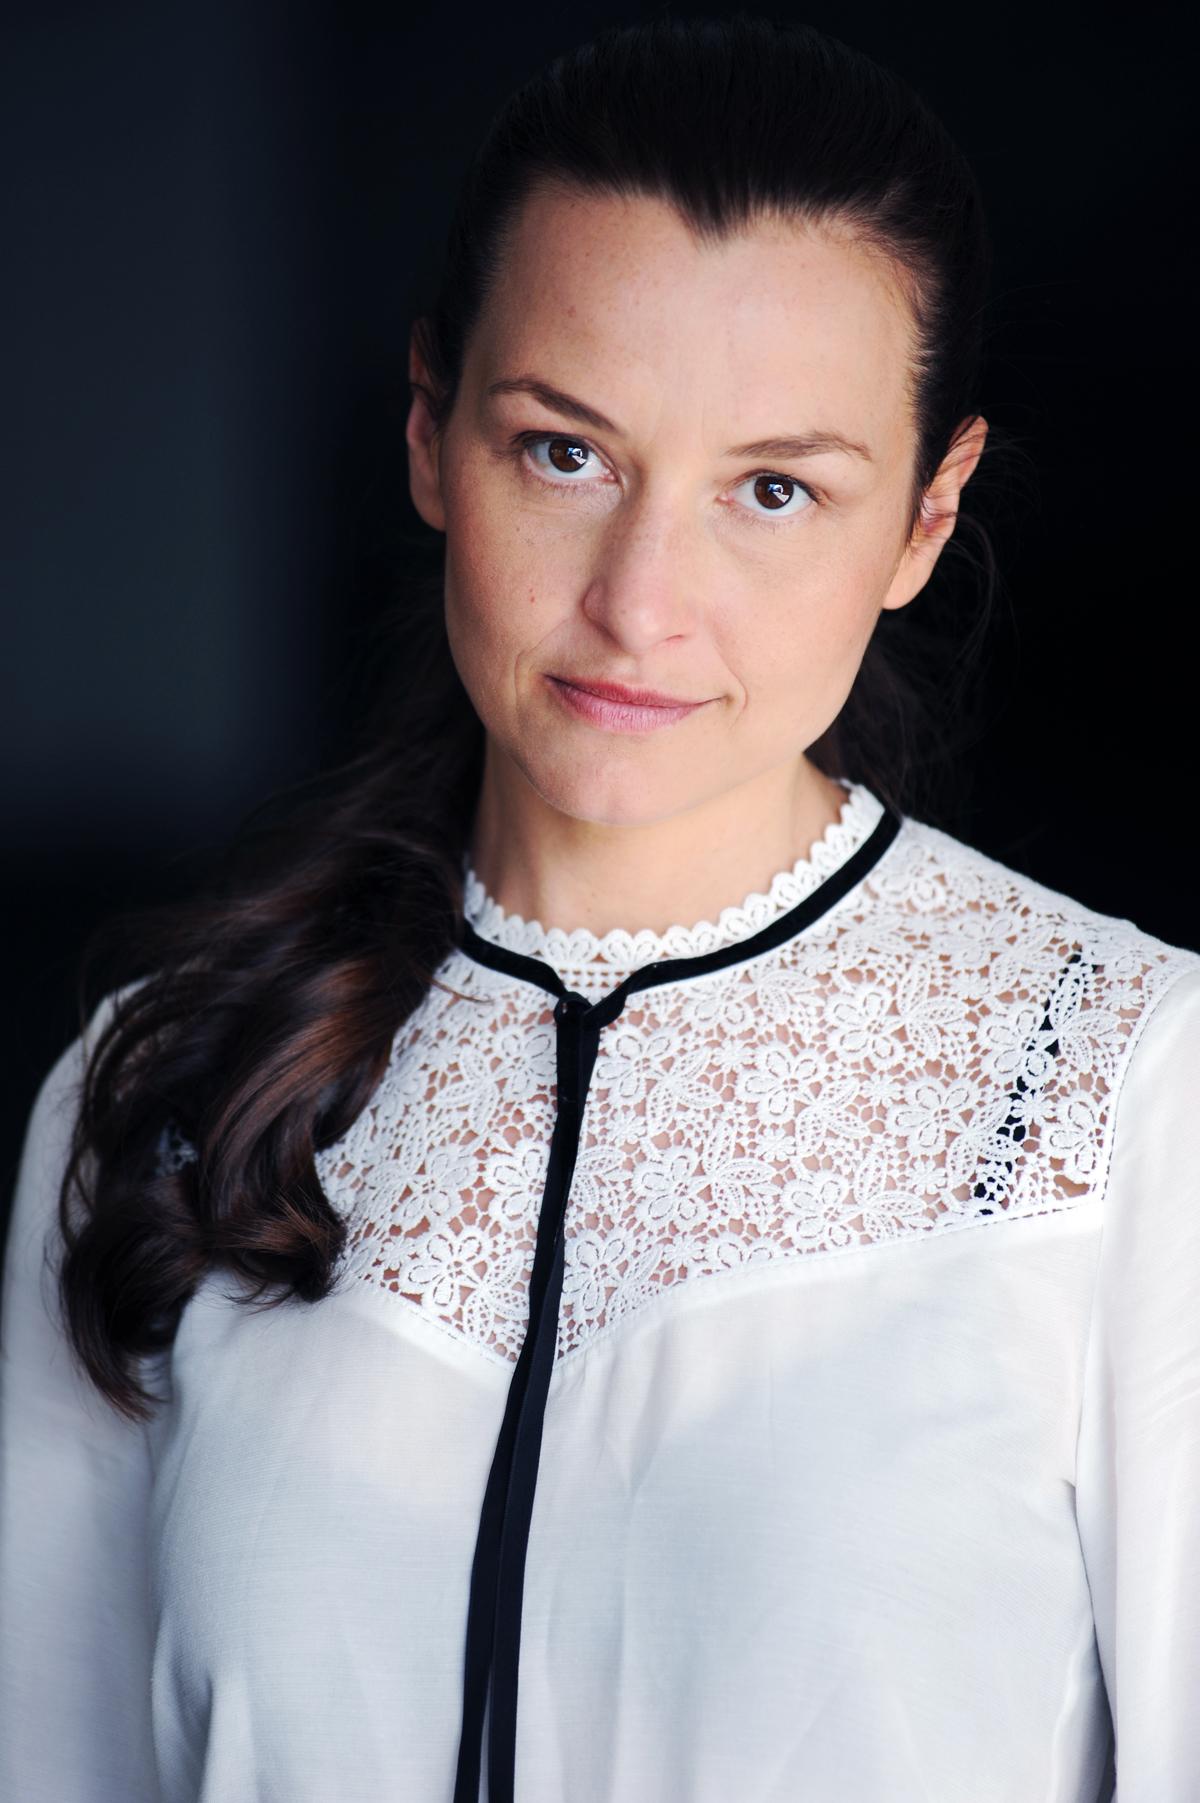 Caroline Betz Schauspielerin Köln Film Fernsehen Theater Bühne Porträt Künstlerin fotografiert von Jennifer Fey